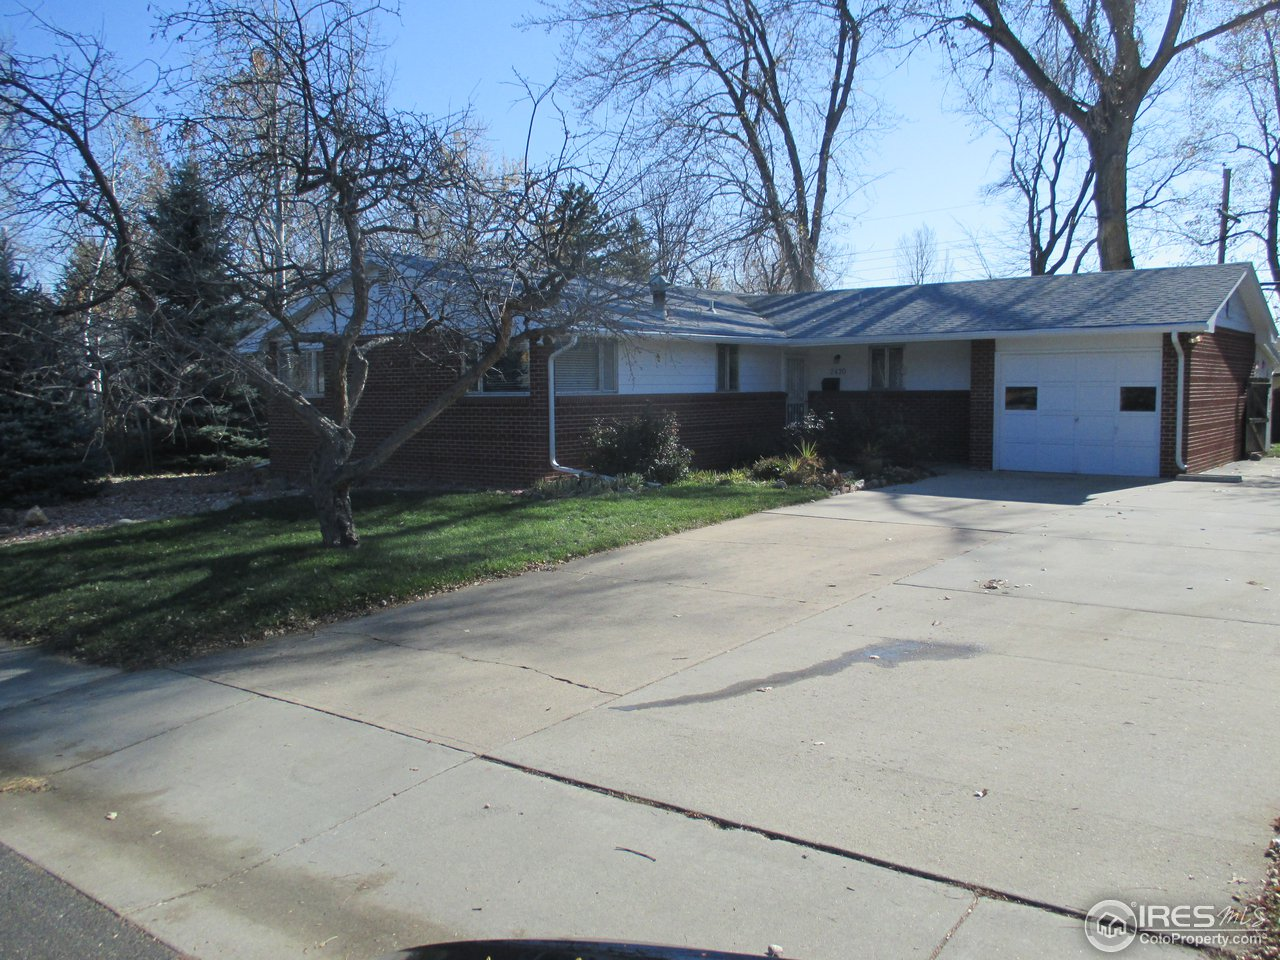 2430 Glenwood Dr, Boulder CO 80304